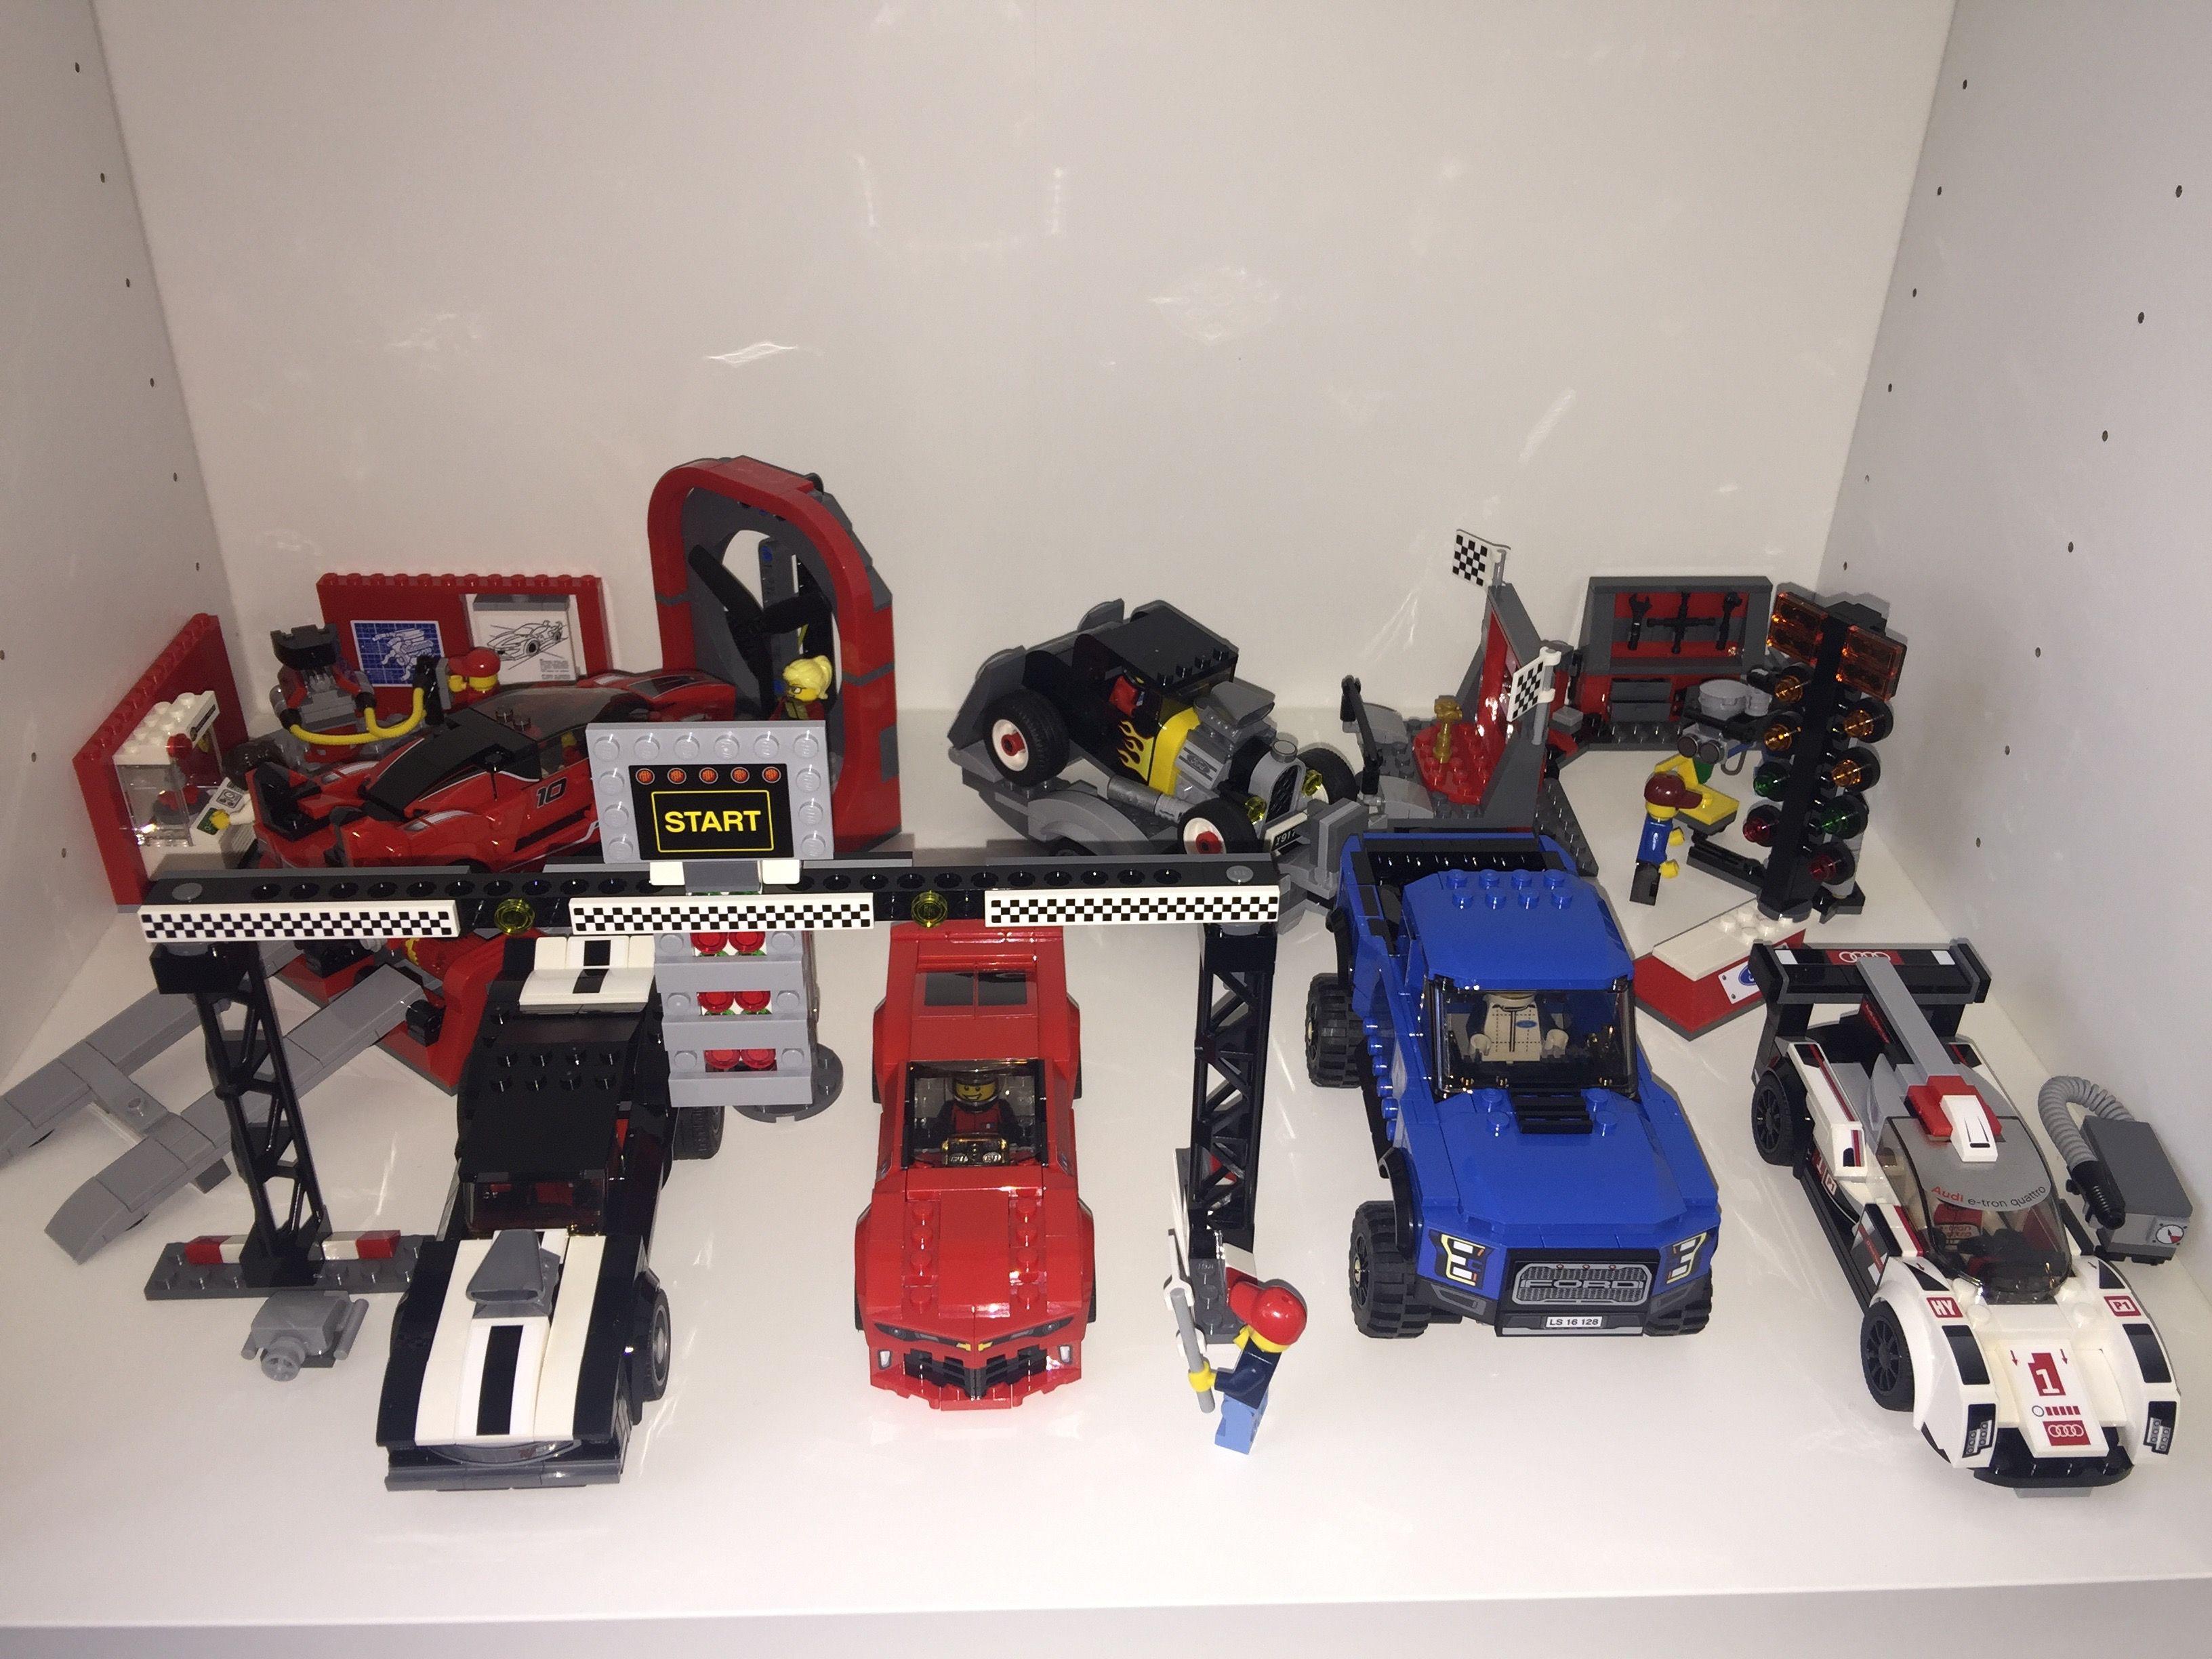 f4529cfada7af373c679e353ba5dce9f Mesmerizing Porsche 918 Spyder Lego Review Cars Trend